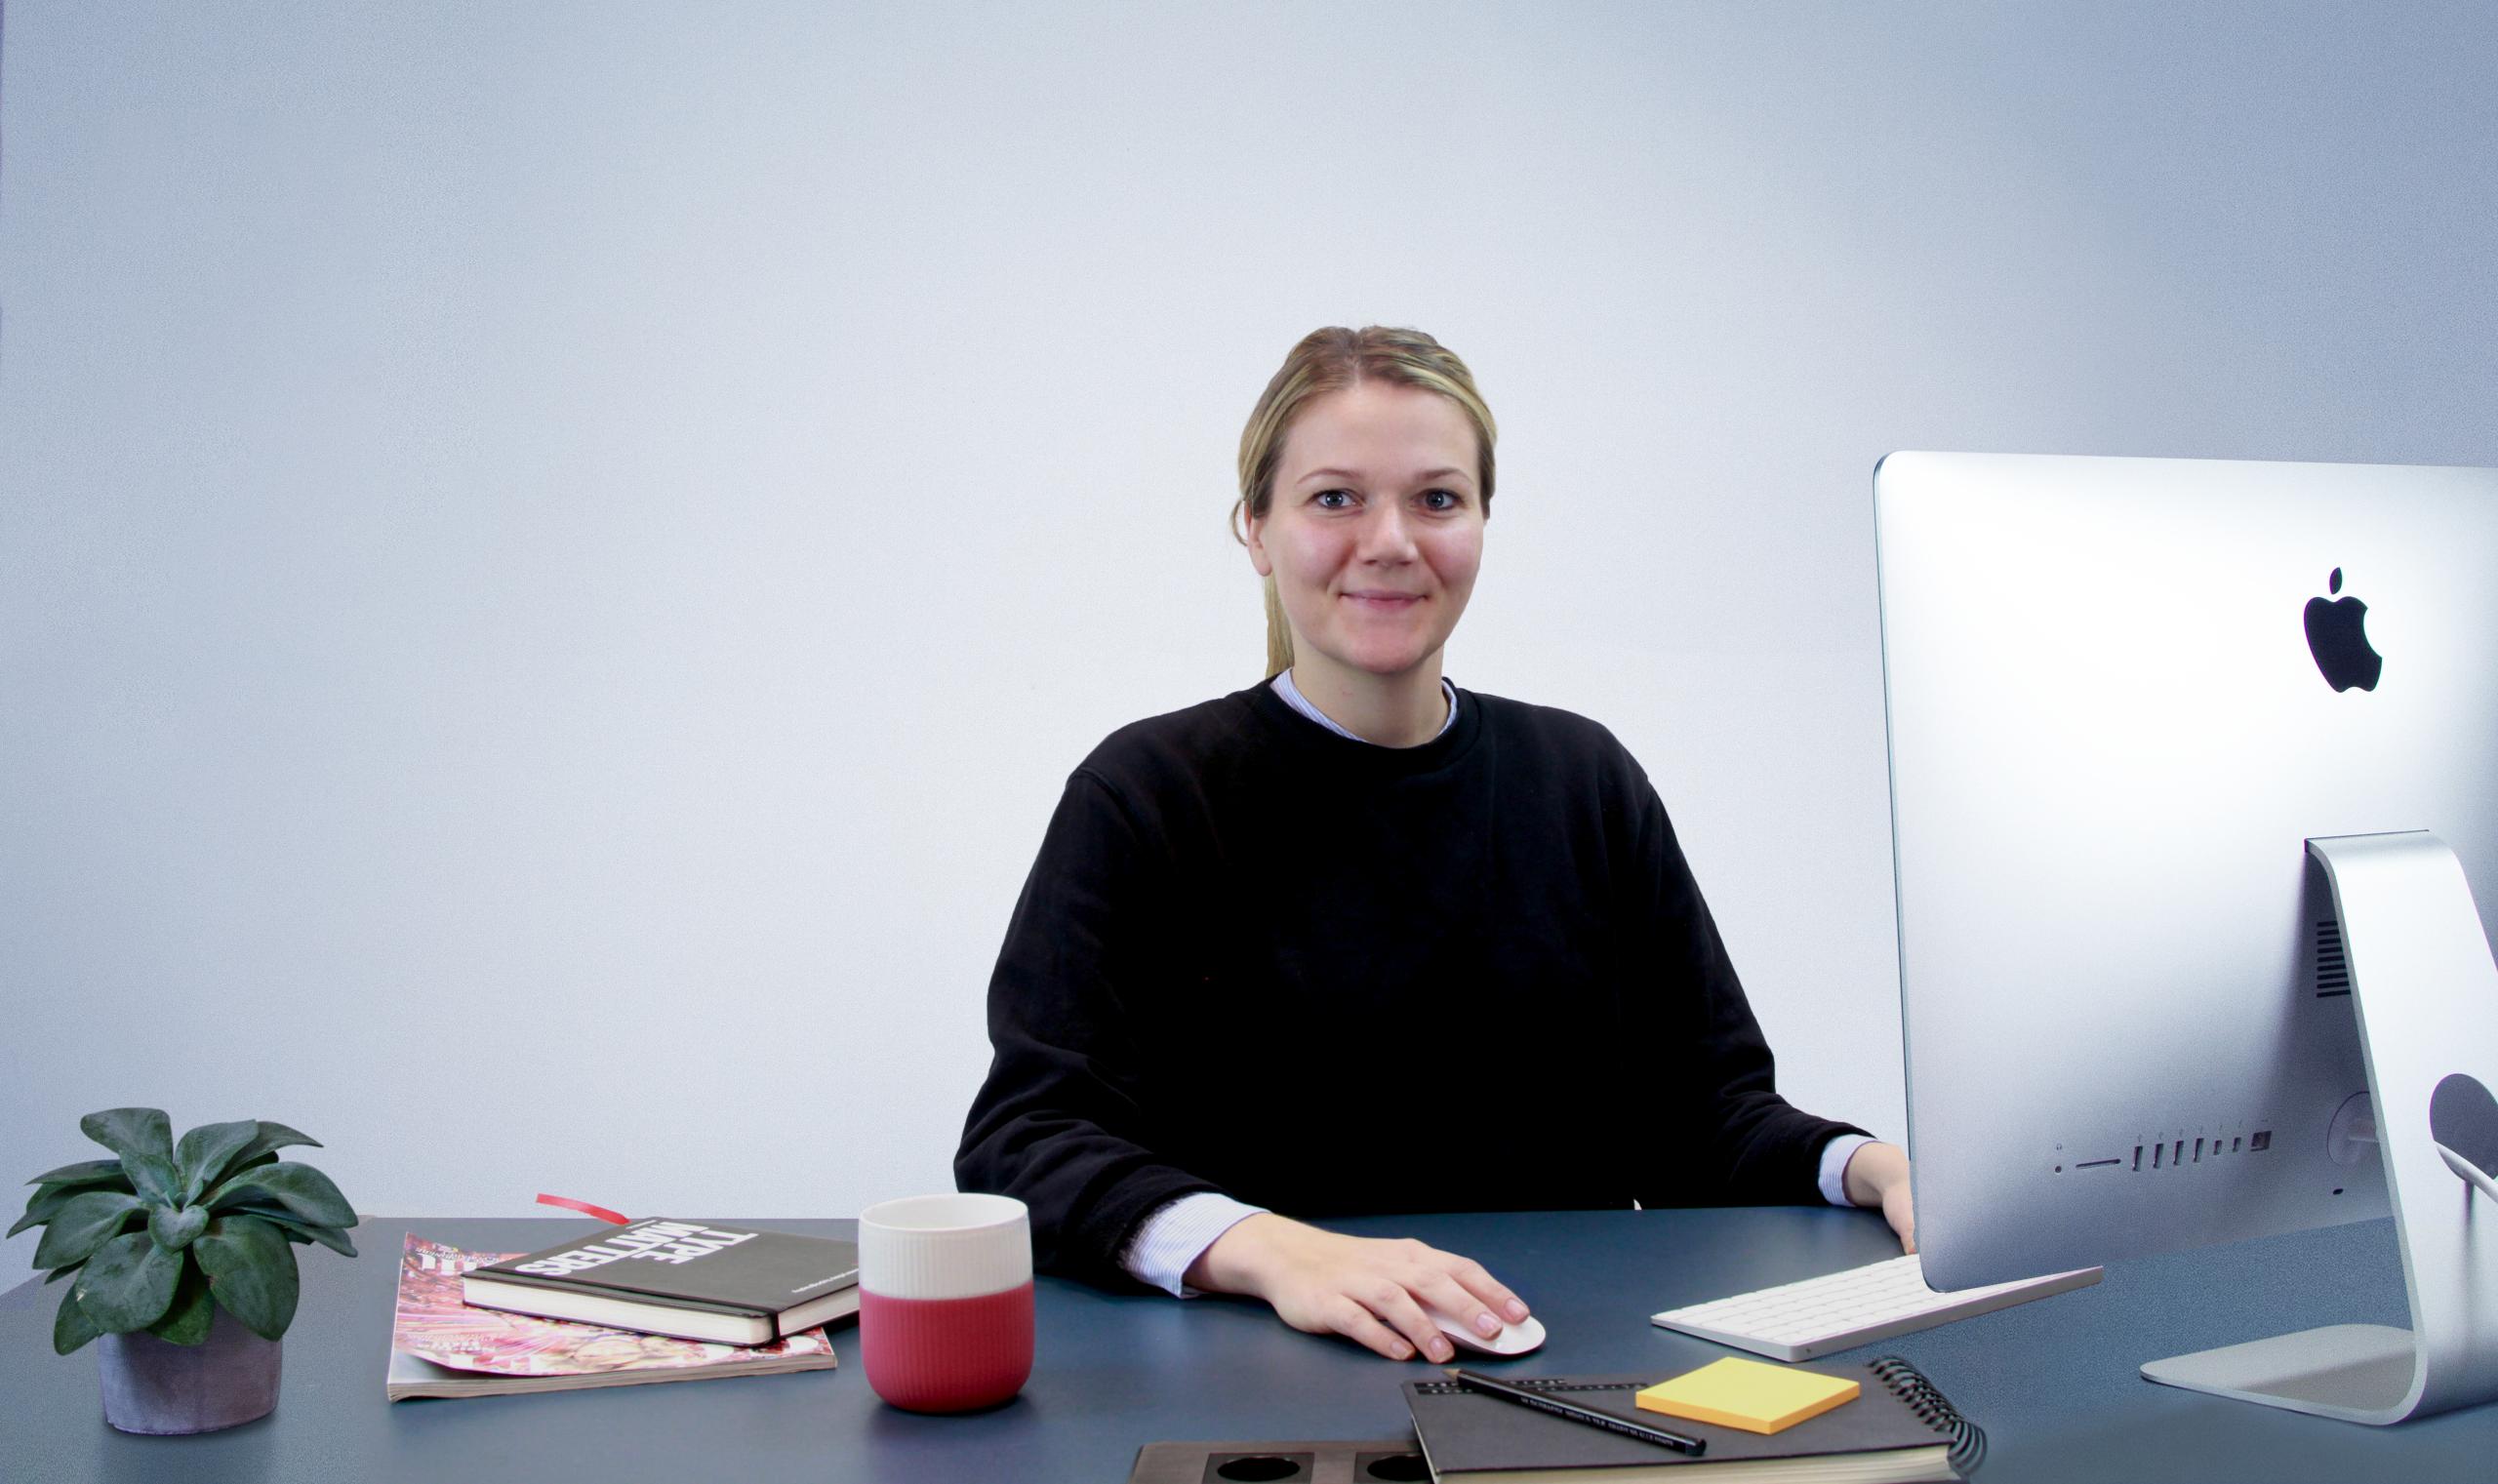 Elisabeth Bønløkke